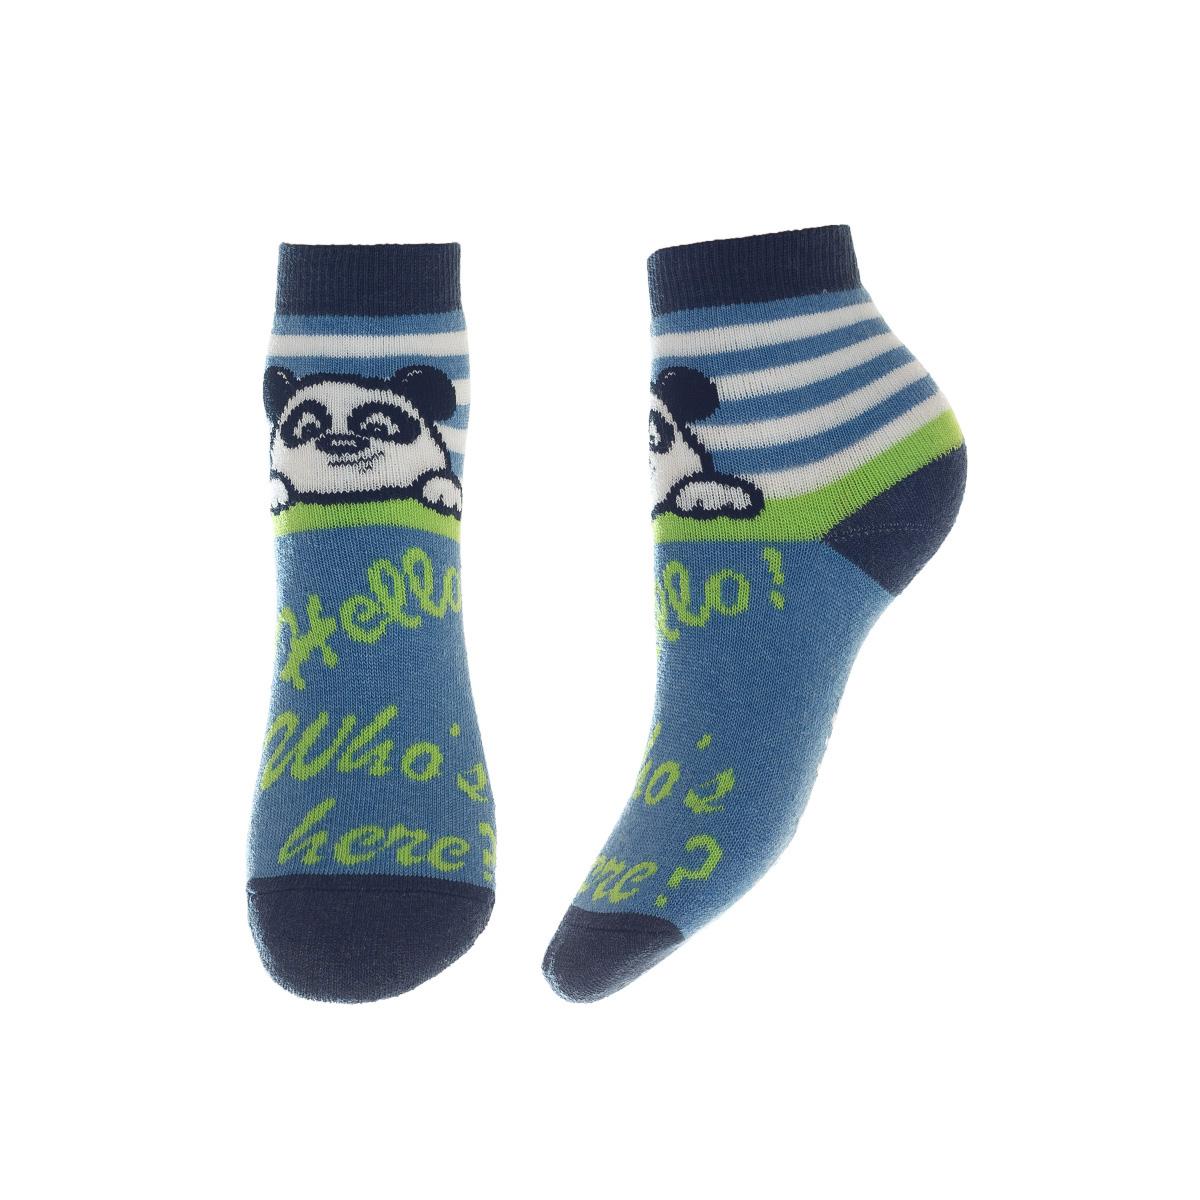 SOFTIKI22911-234Удобные носочки для мальчика Conte-Kids Sof-tiki, изготовленные из высококачественного комбинированного материала, очень мягкие и приятные на ощупь, позволяют коже дышать. Модель оформлена эластичной резинкой в паголенке, которая плотно облегает ногу, обеспечивая комфорт и удобство